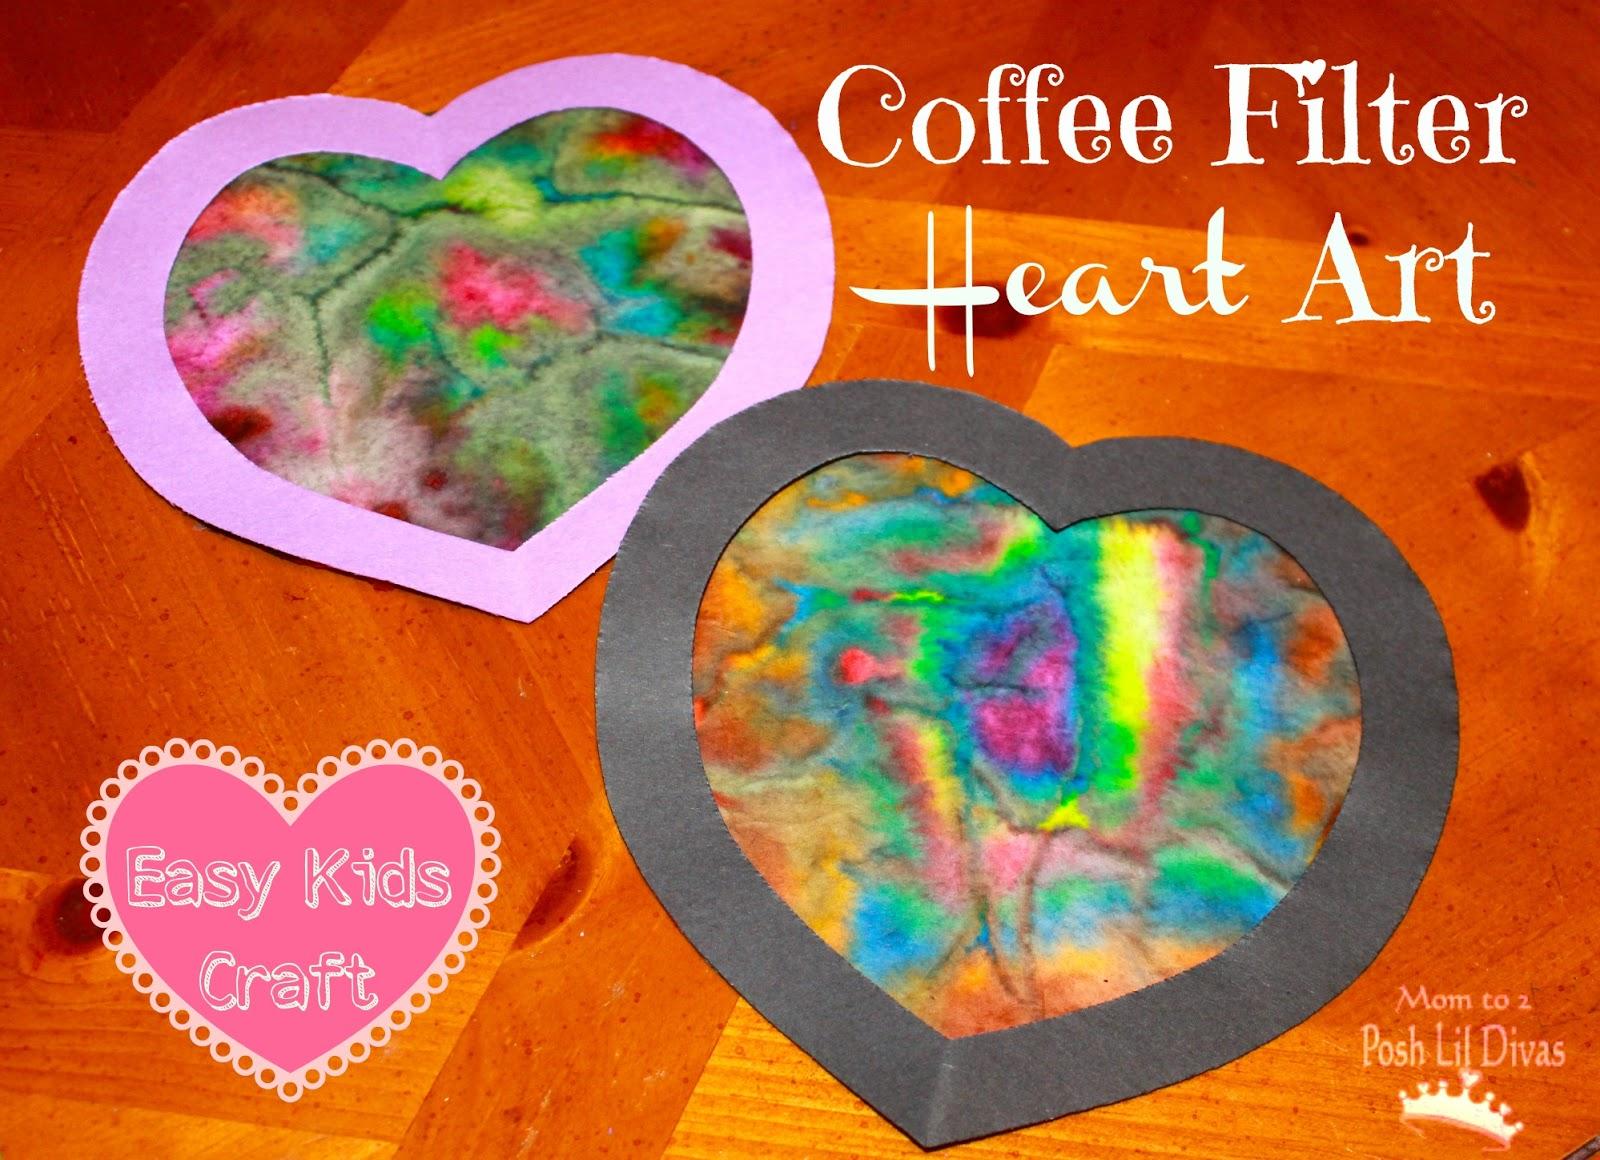 Coffee Filter Heart Art